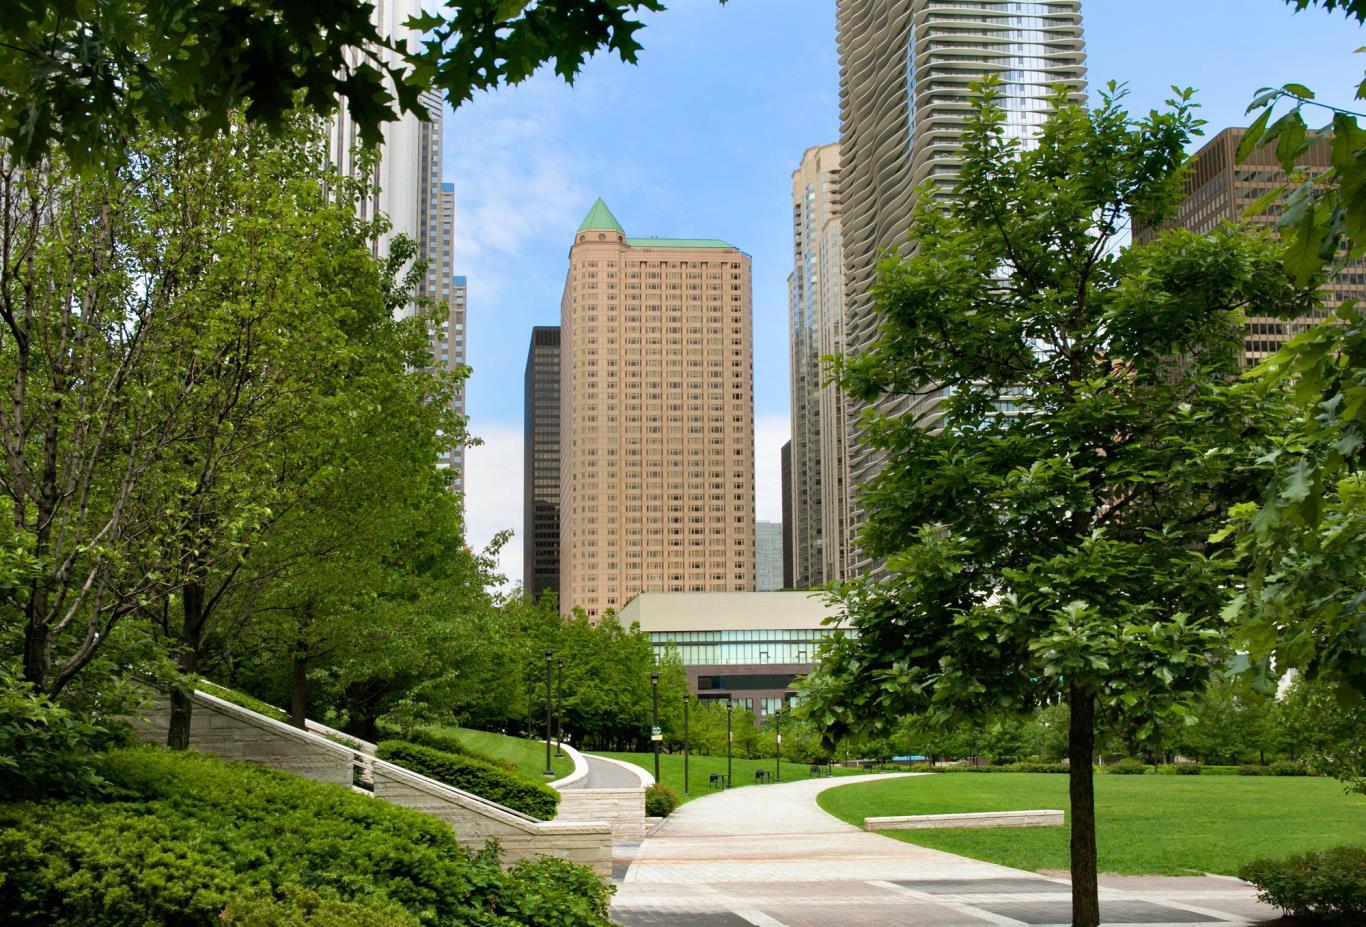 The Fairmont Chicago, Millenium Park